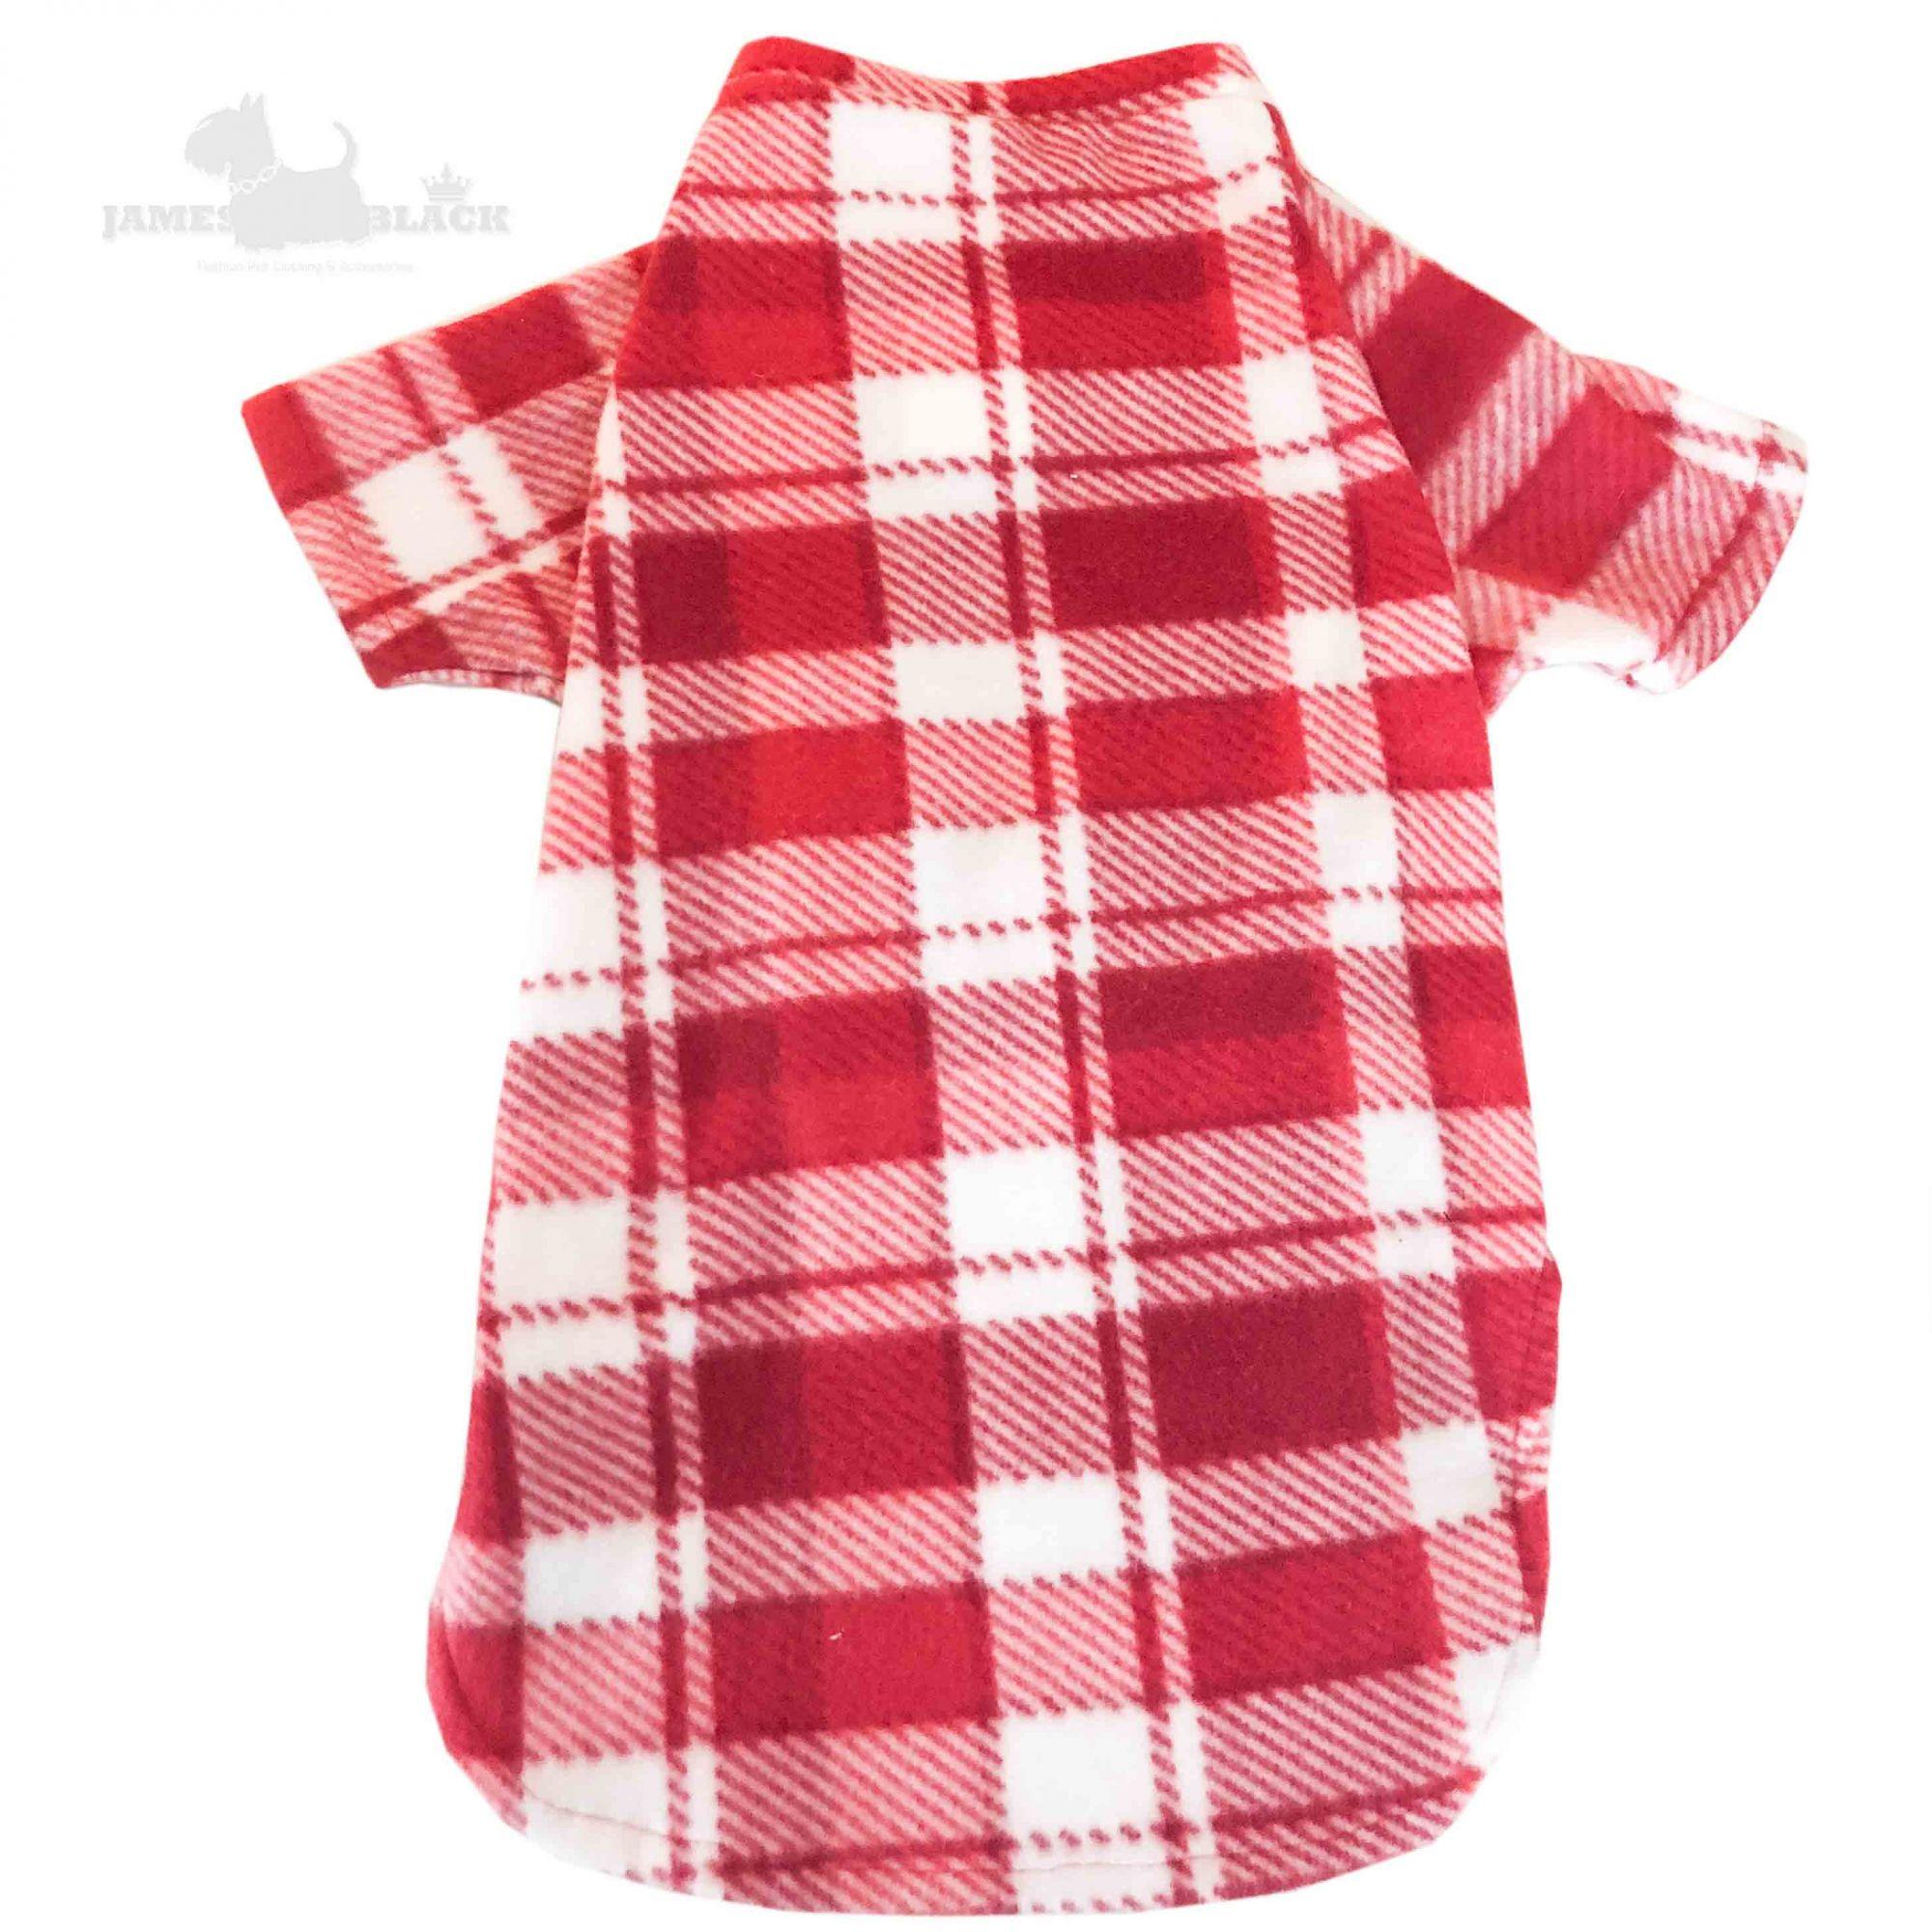 Camiseta soft vermelha xadrez vermelho e branco gola careca G